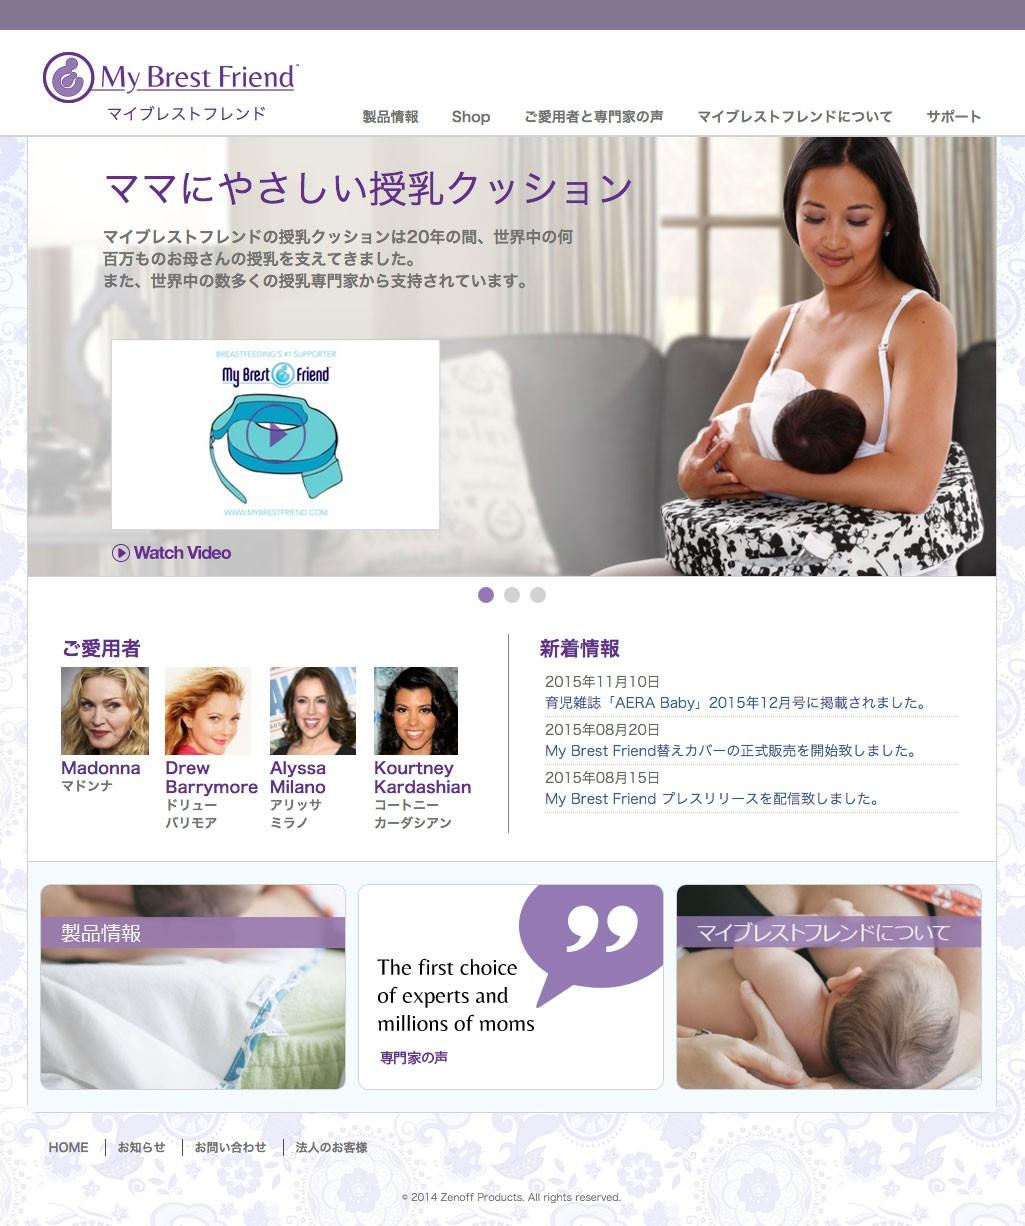 マイブレストフレンド・公式サイト(日本語)